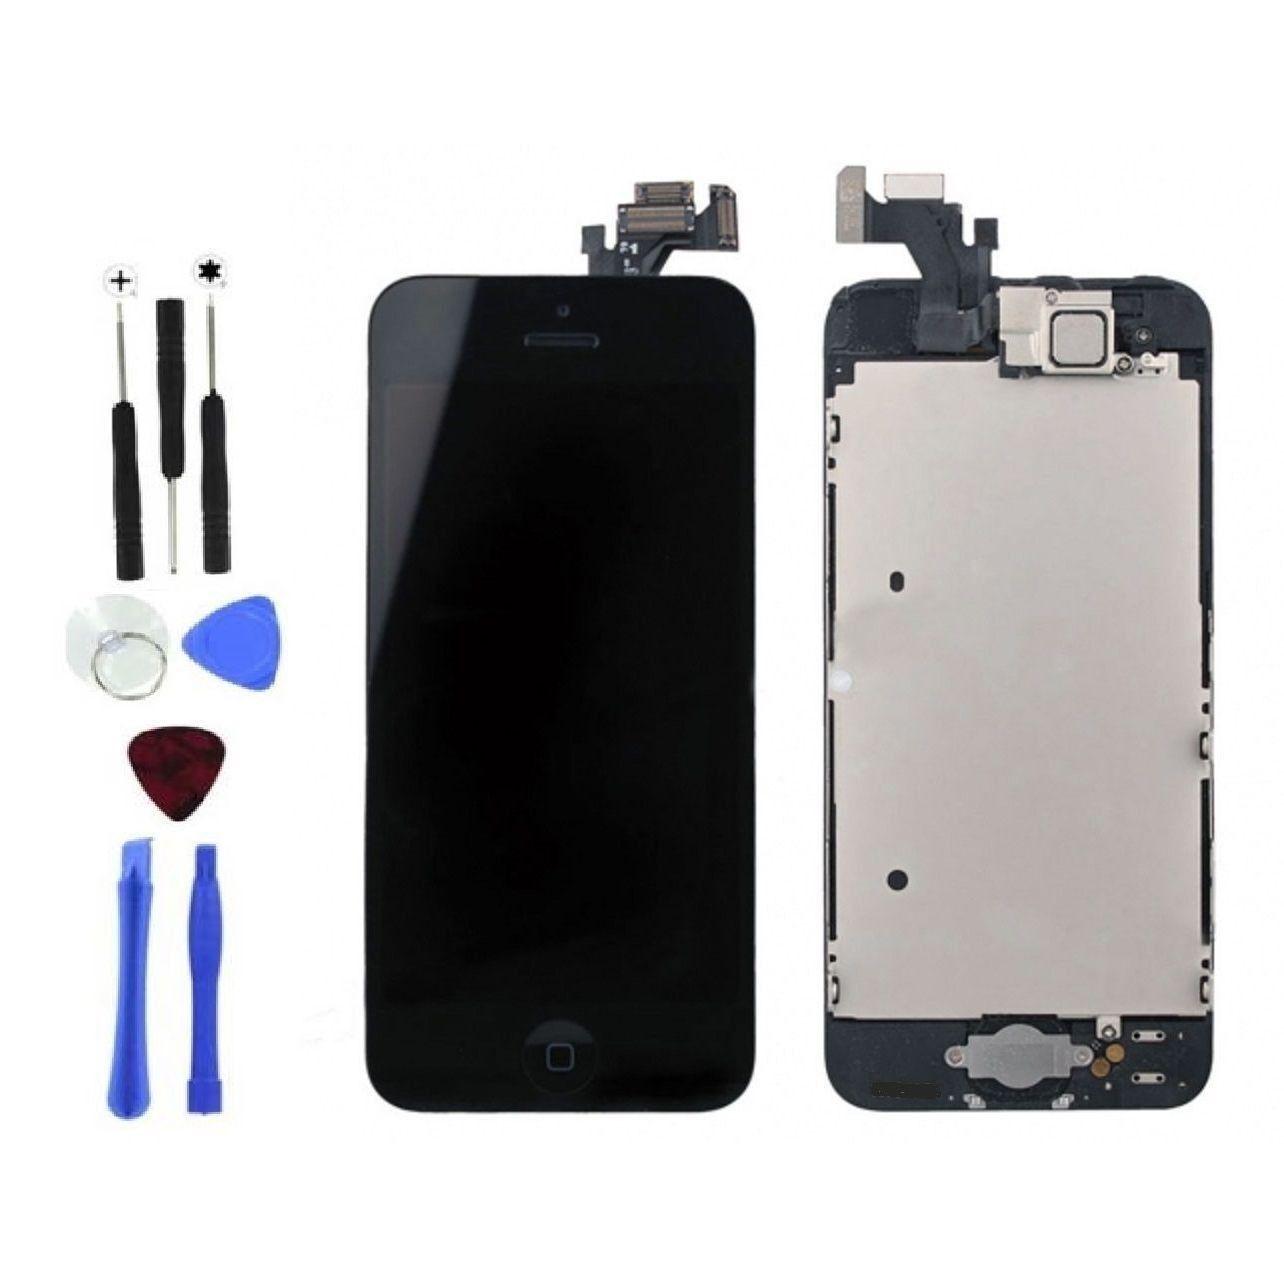 Linmatealliance Repair Tool Kit Kit JF-8135 Metal Plastic iPhone Dedicated Disassemble Repair Tool Kit